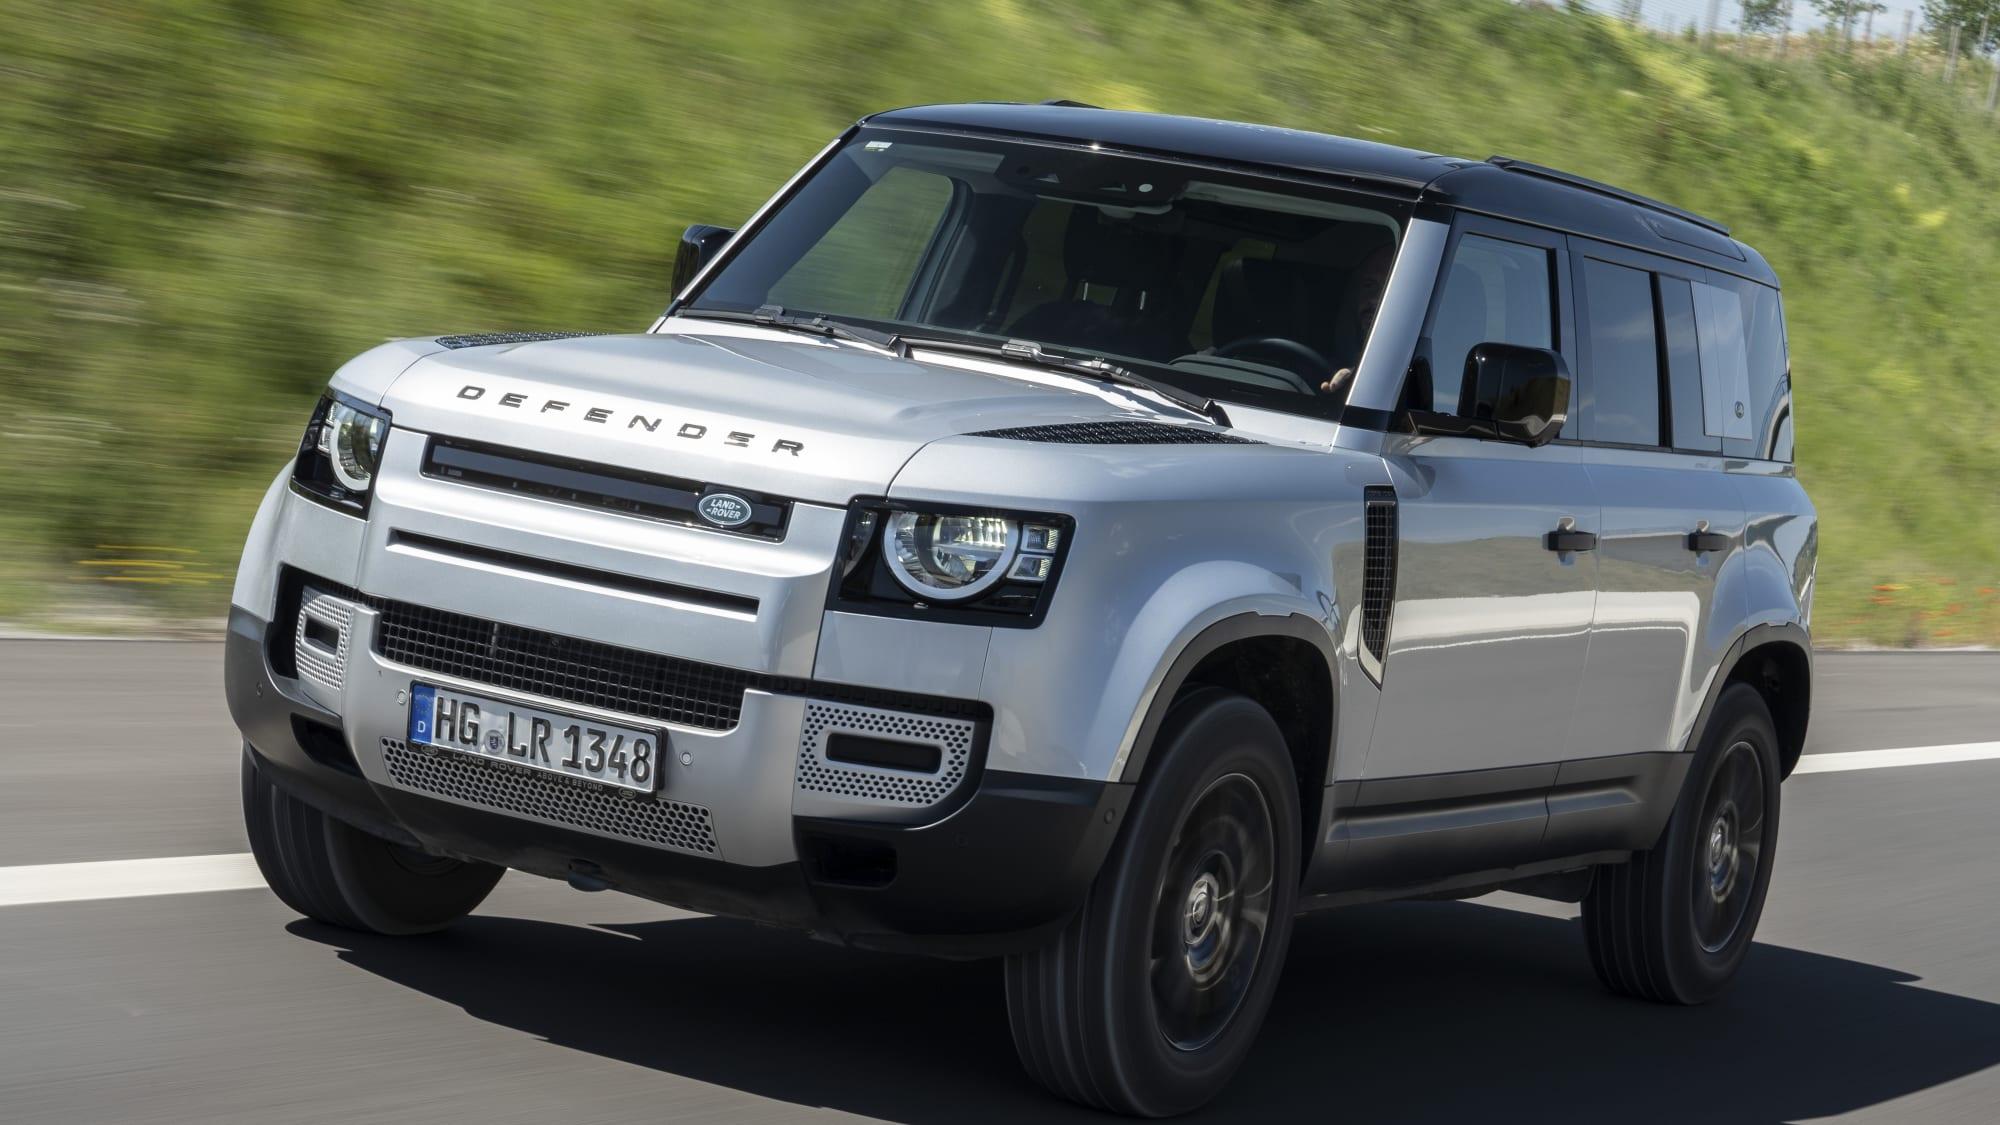 Fahrender Land Rover Defender von vorne